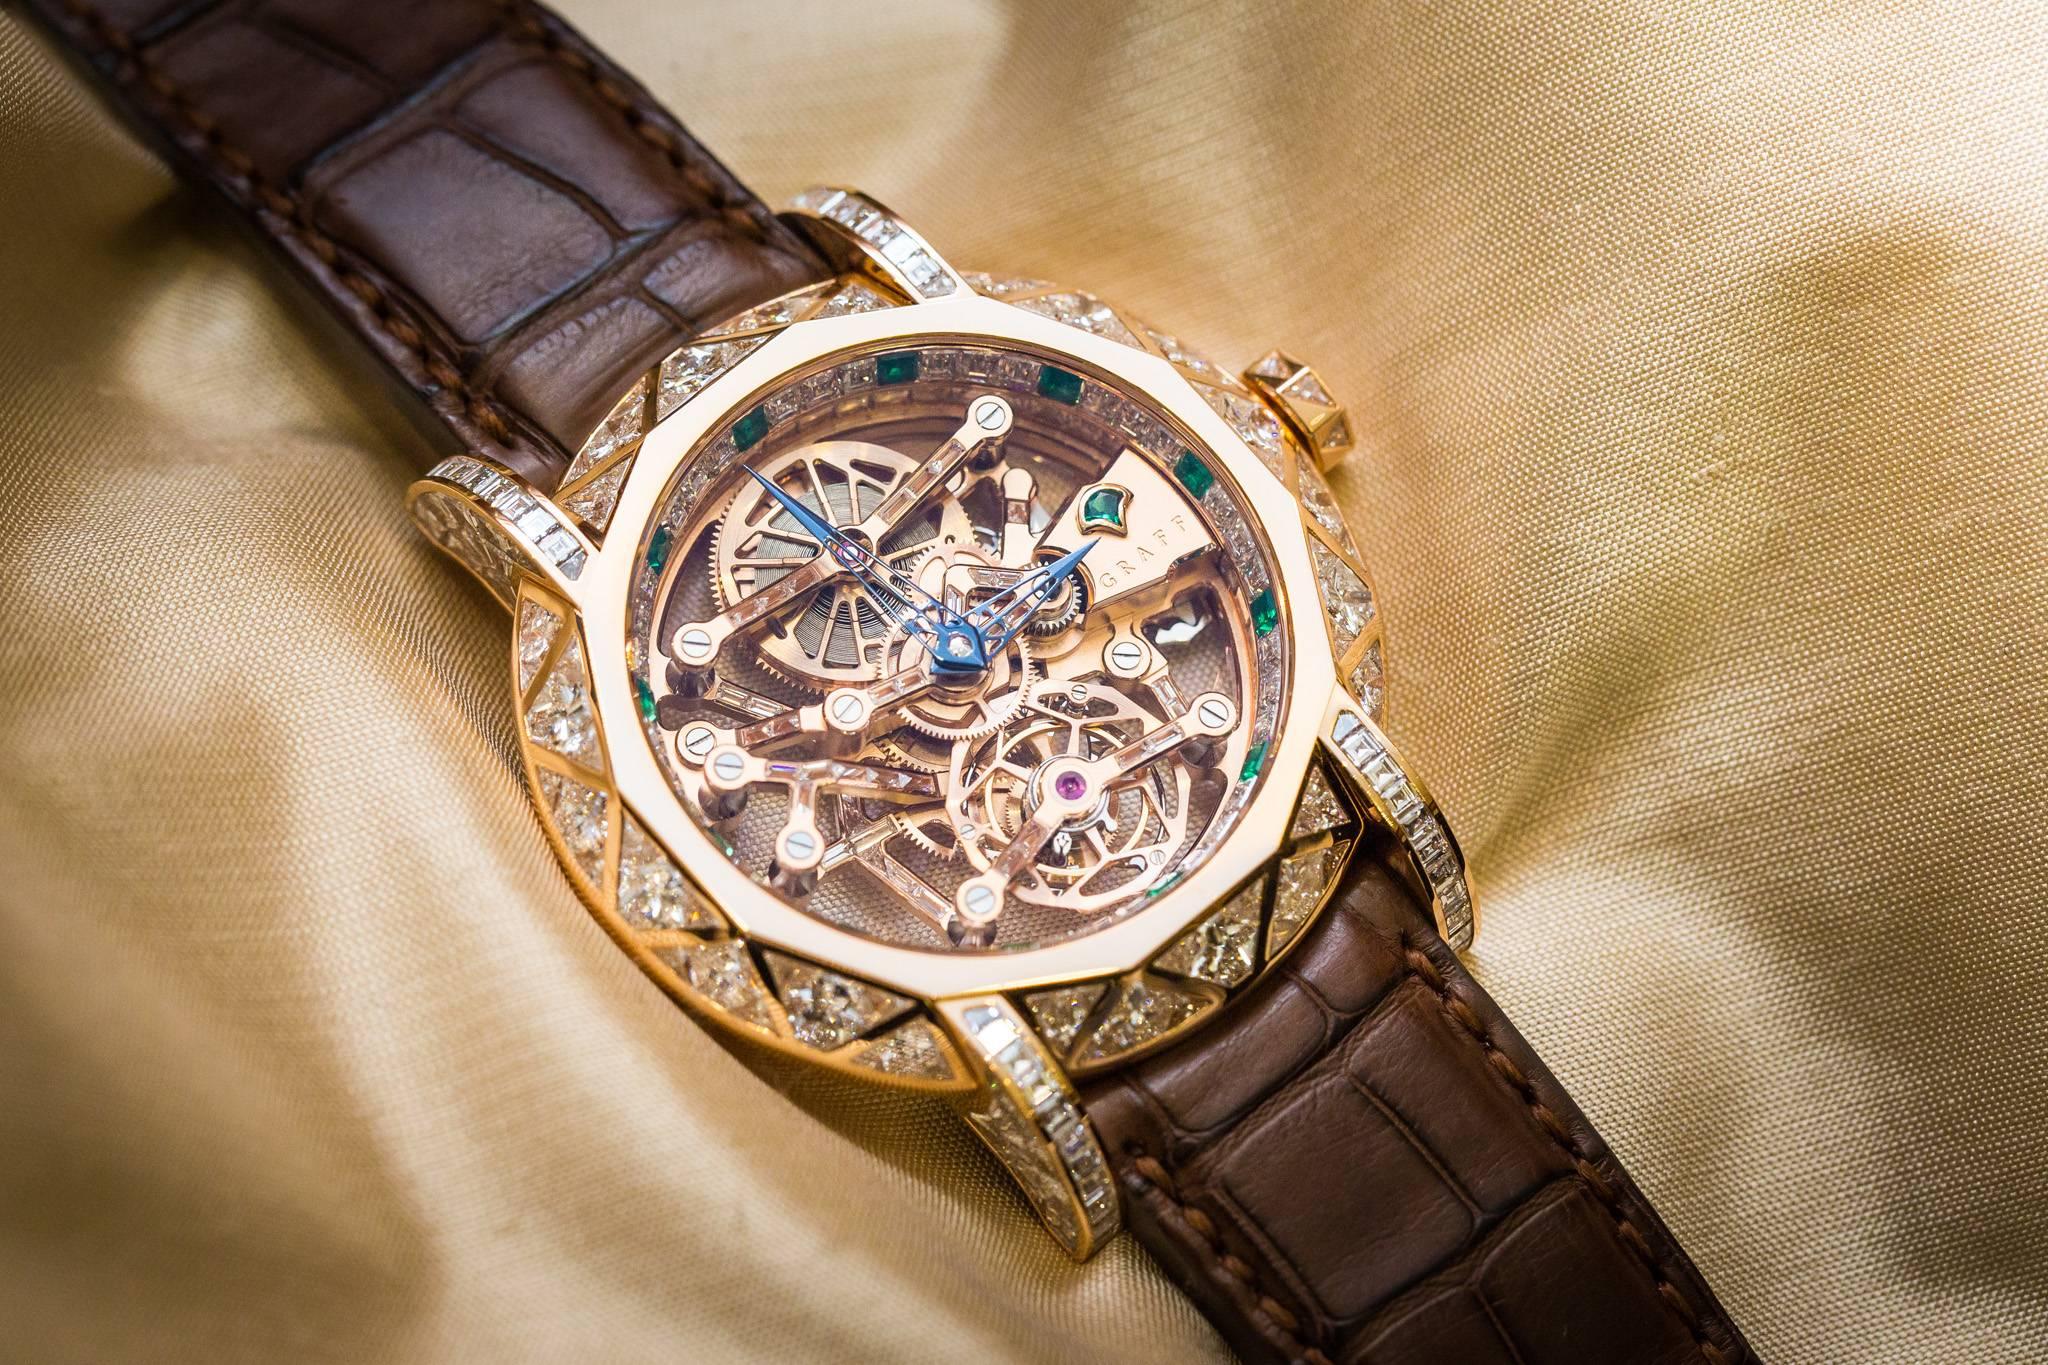 Graff Diamond MasterGraff Structural Tourbillon Skeleton Watches 2015